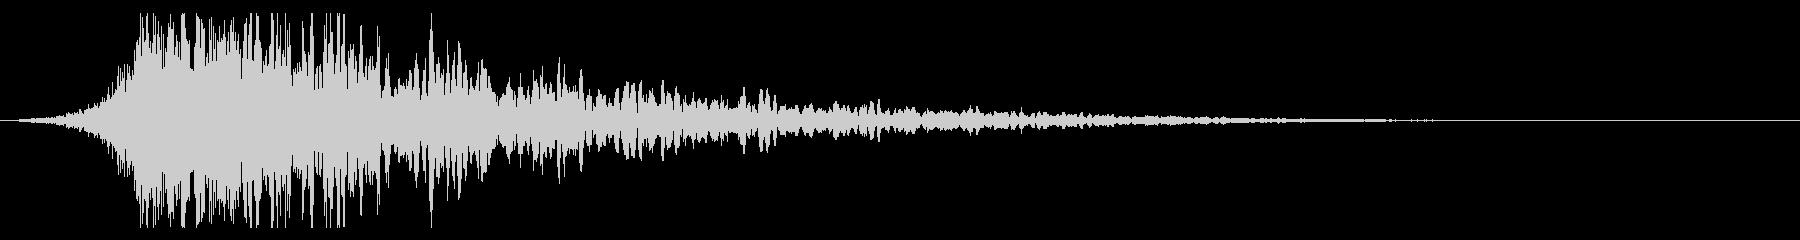 シュードーン-40-1(インパクト音)の未再生の波形